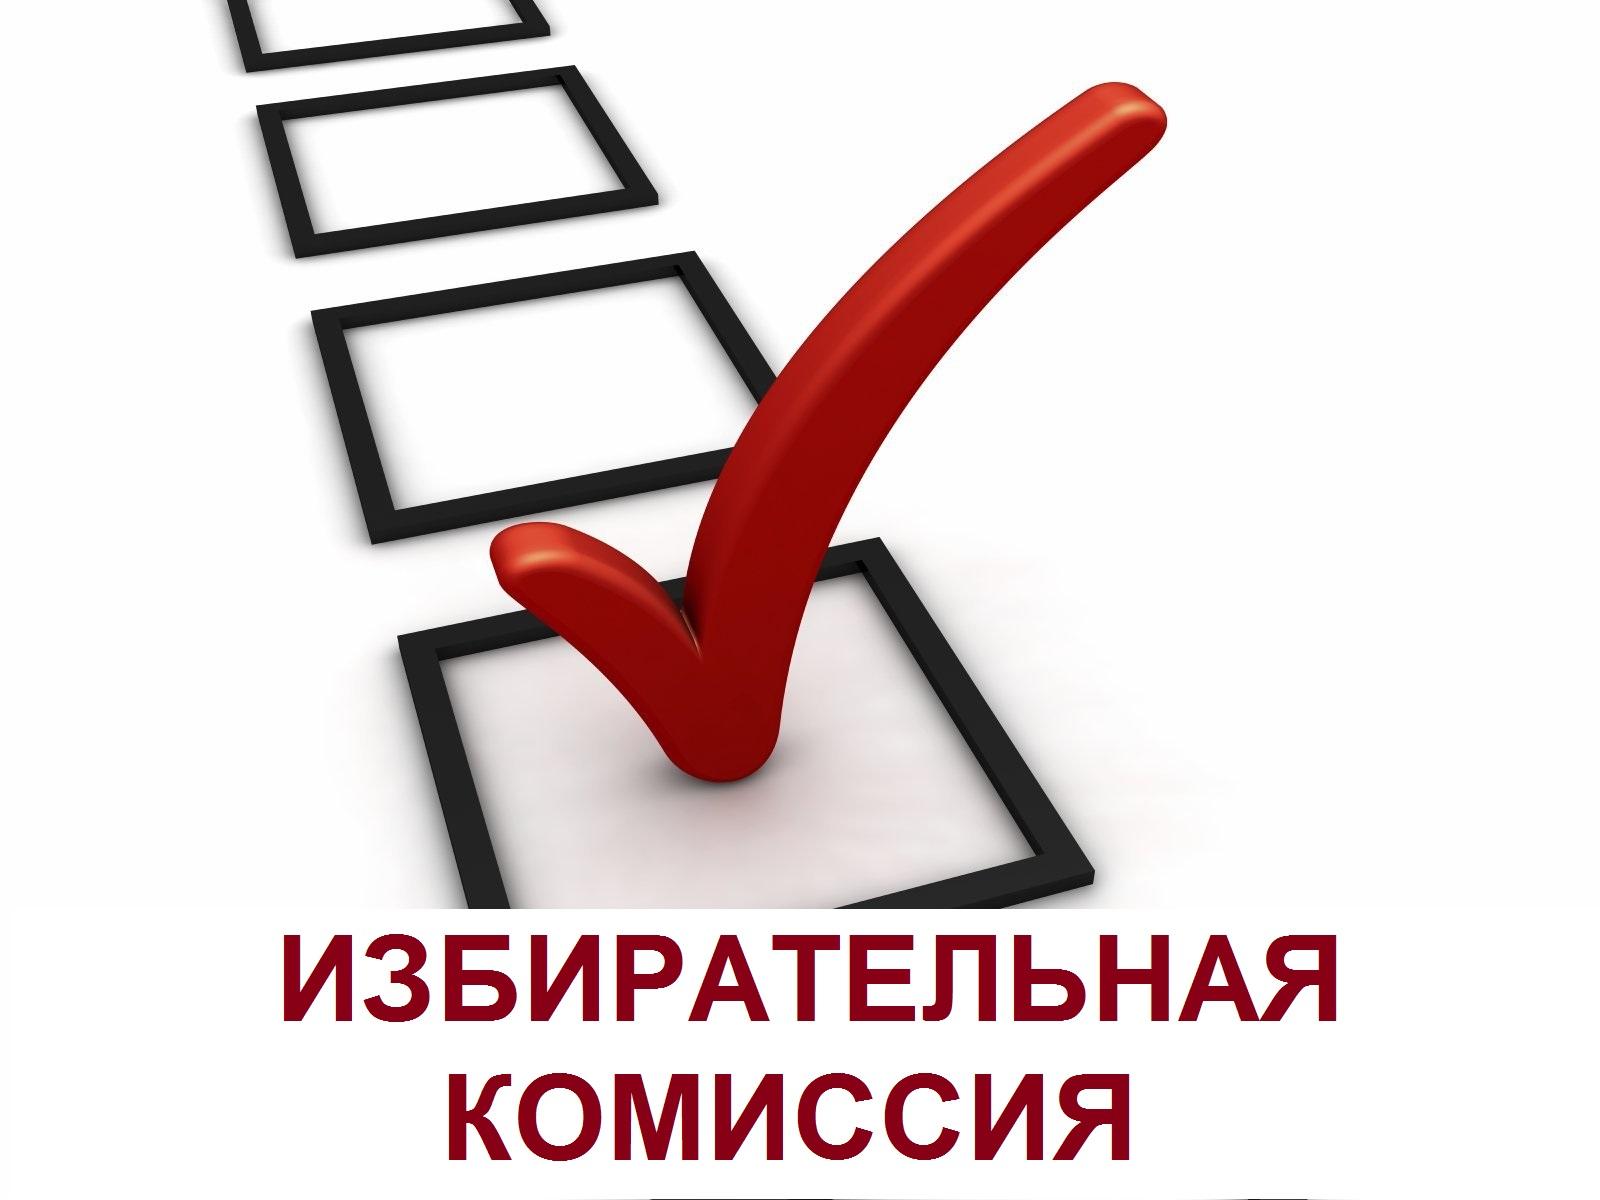 vybory-prezidenta-rossii-v-2018-godu-mogut-perenesti_1 (1)